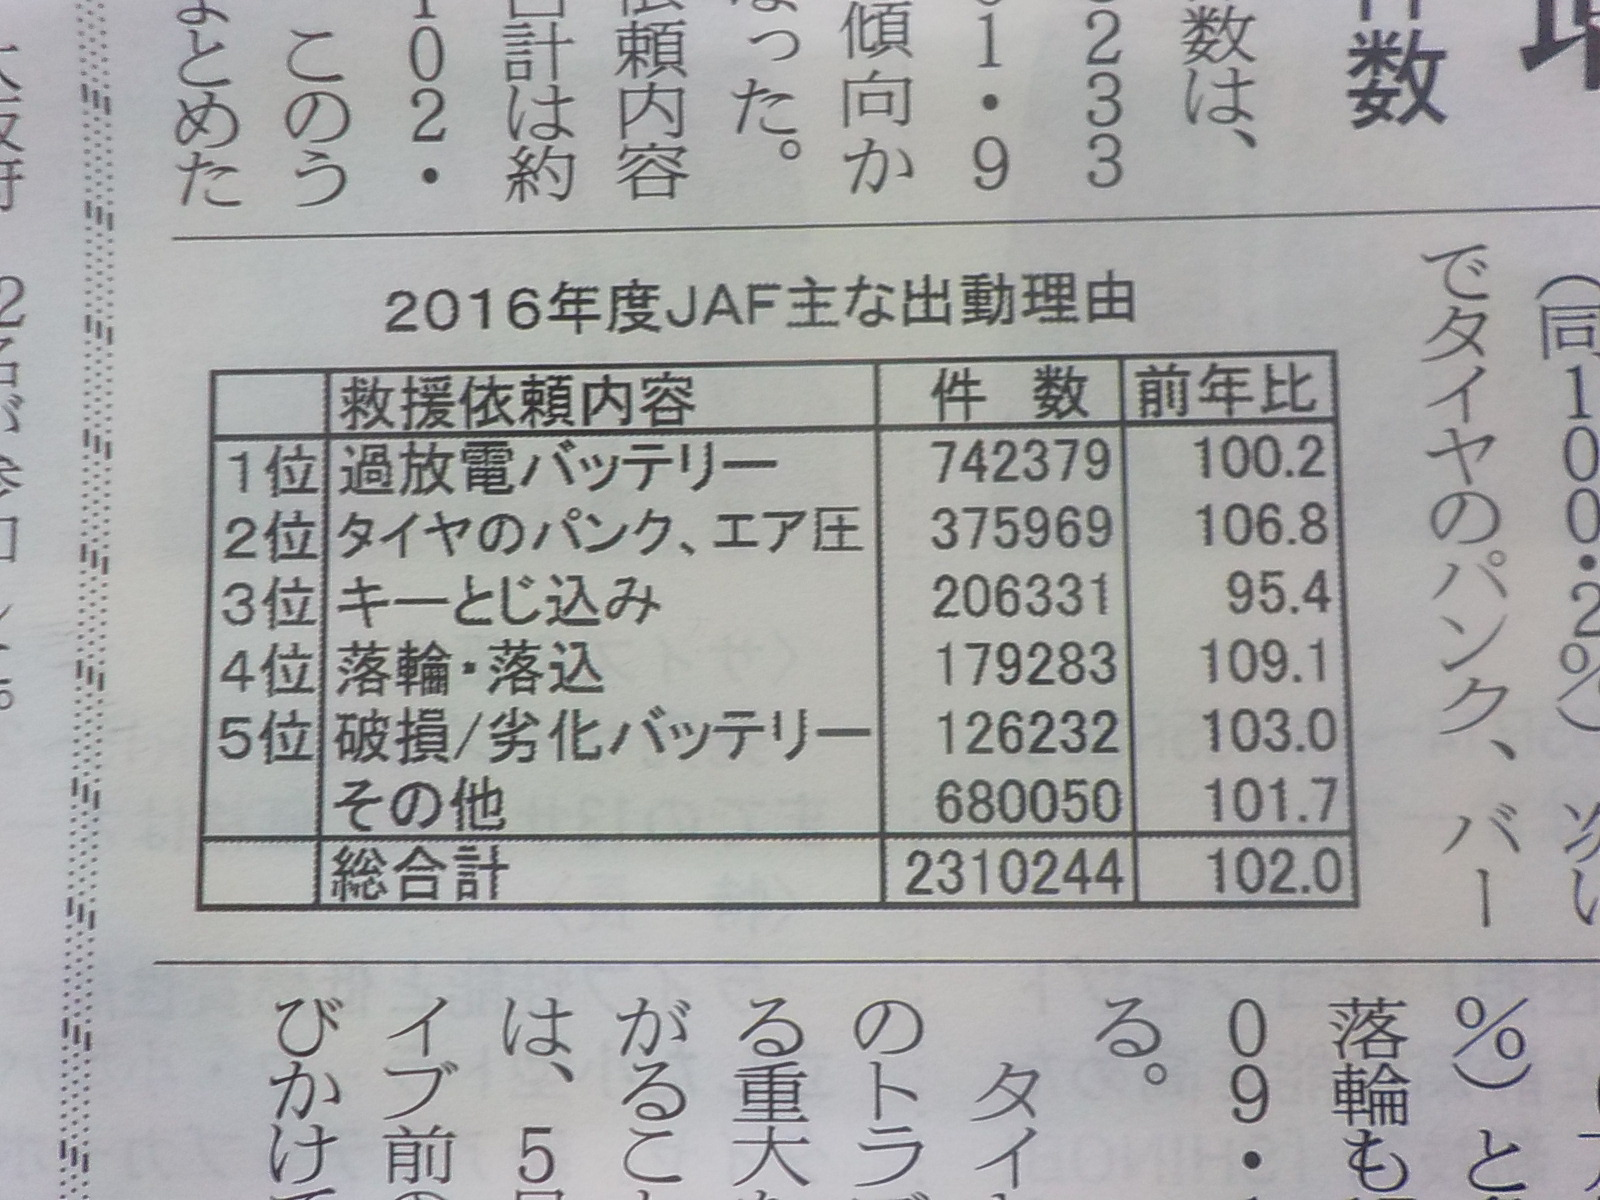 JAF 2016